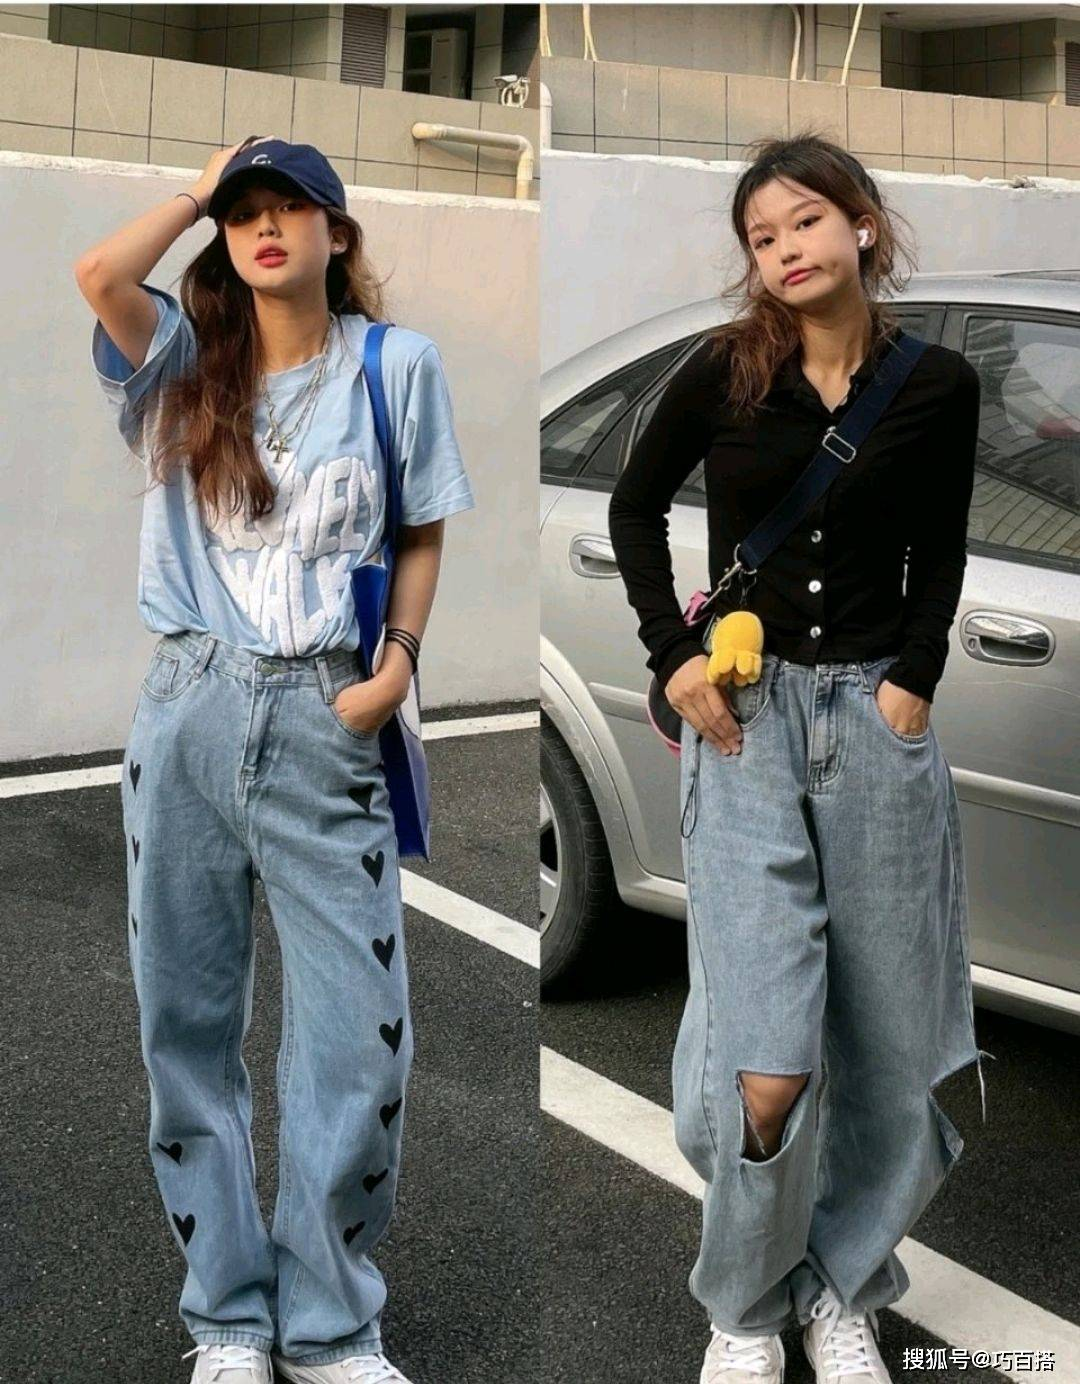 【韩风穿搭】2021最新时尚感十足的韩风穿搭,get这三个要素就够了